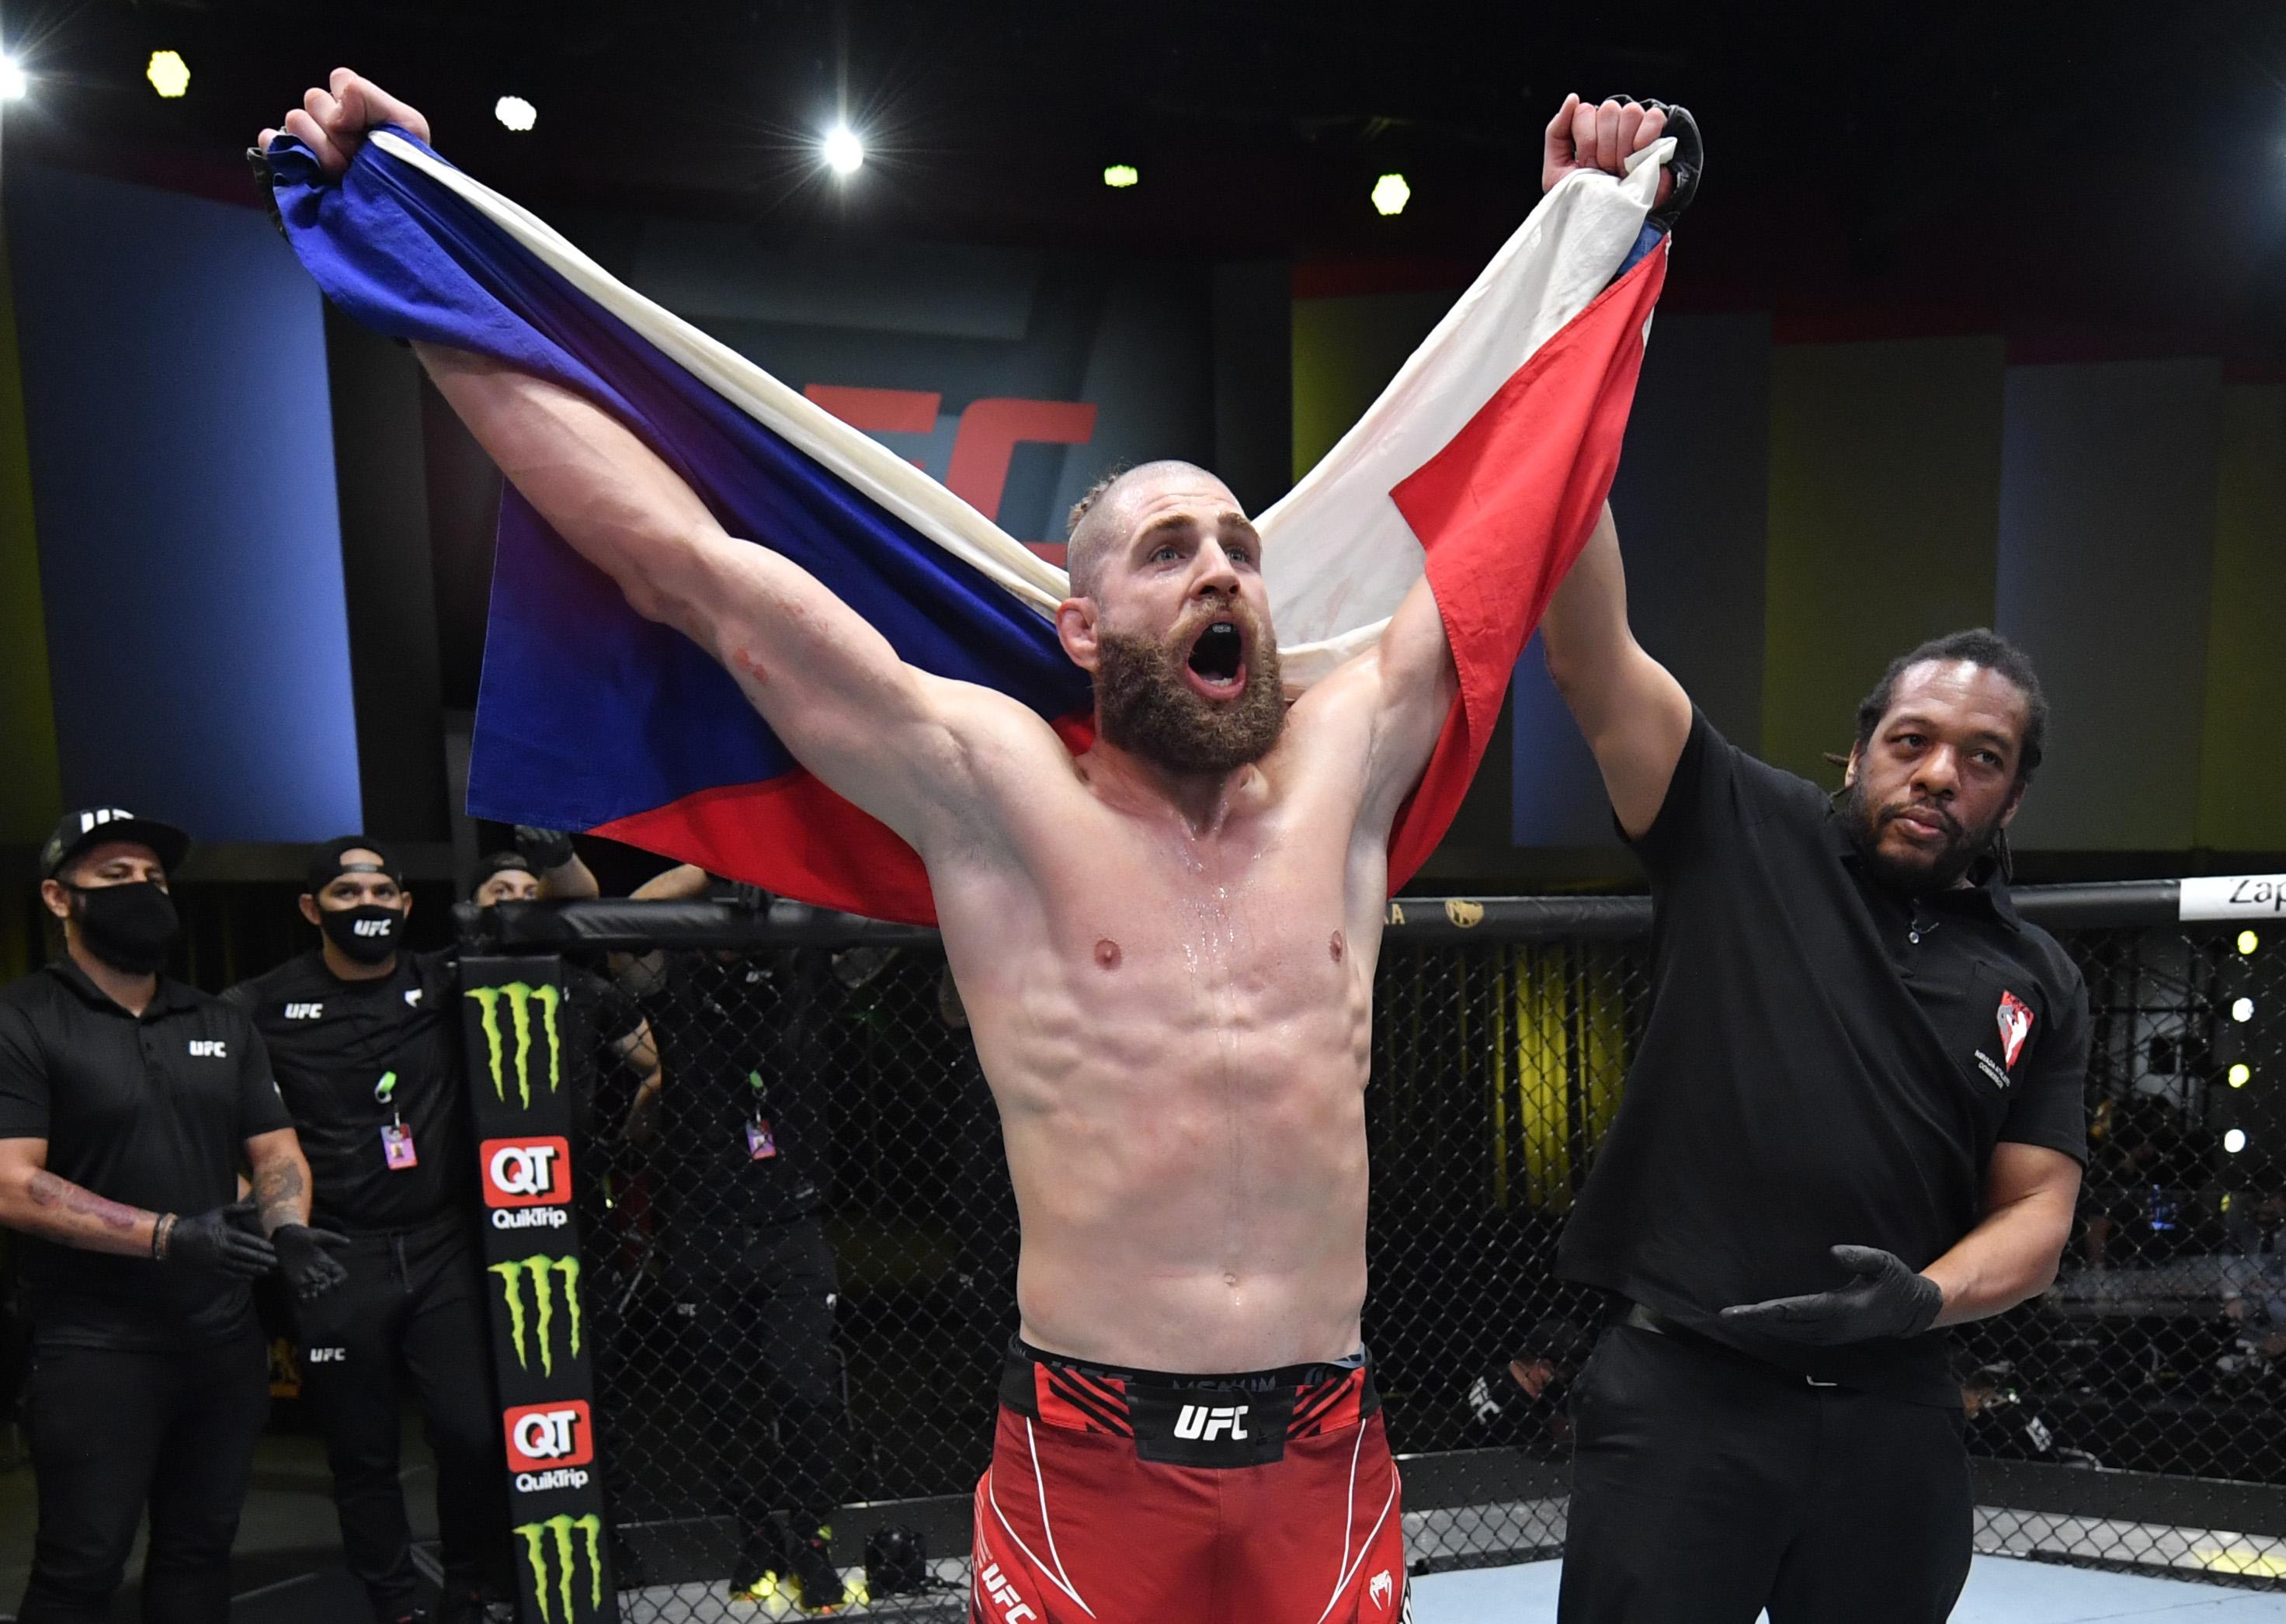 UFC夜晚:Reyes V Prochazka